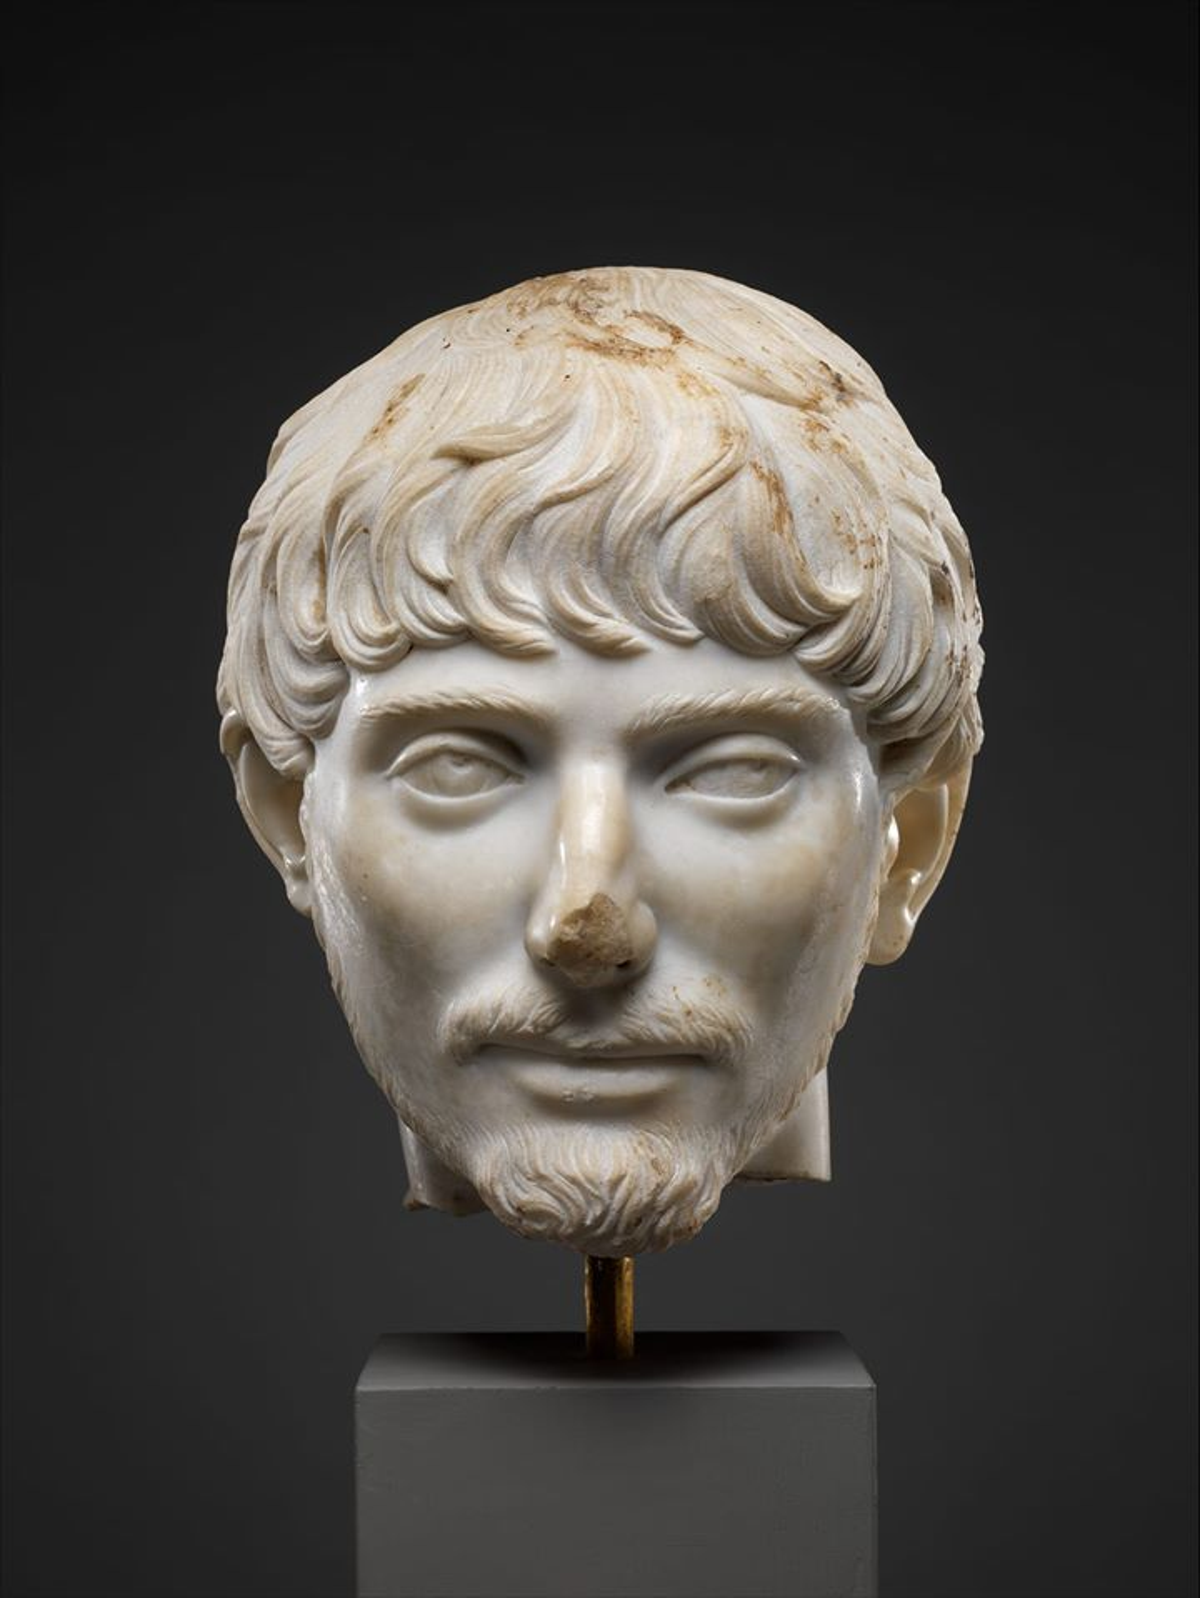 Głowa młodego Rzymianina z krótką brodą